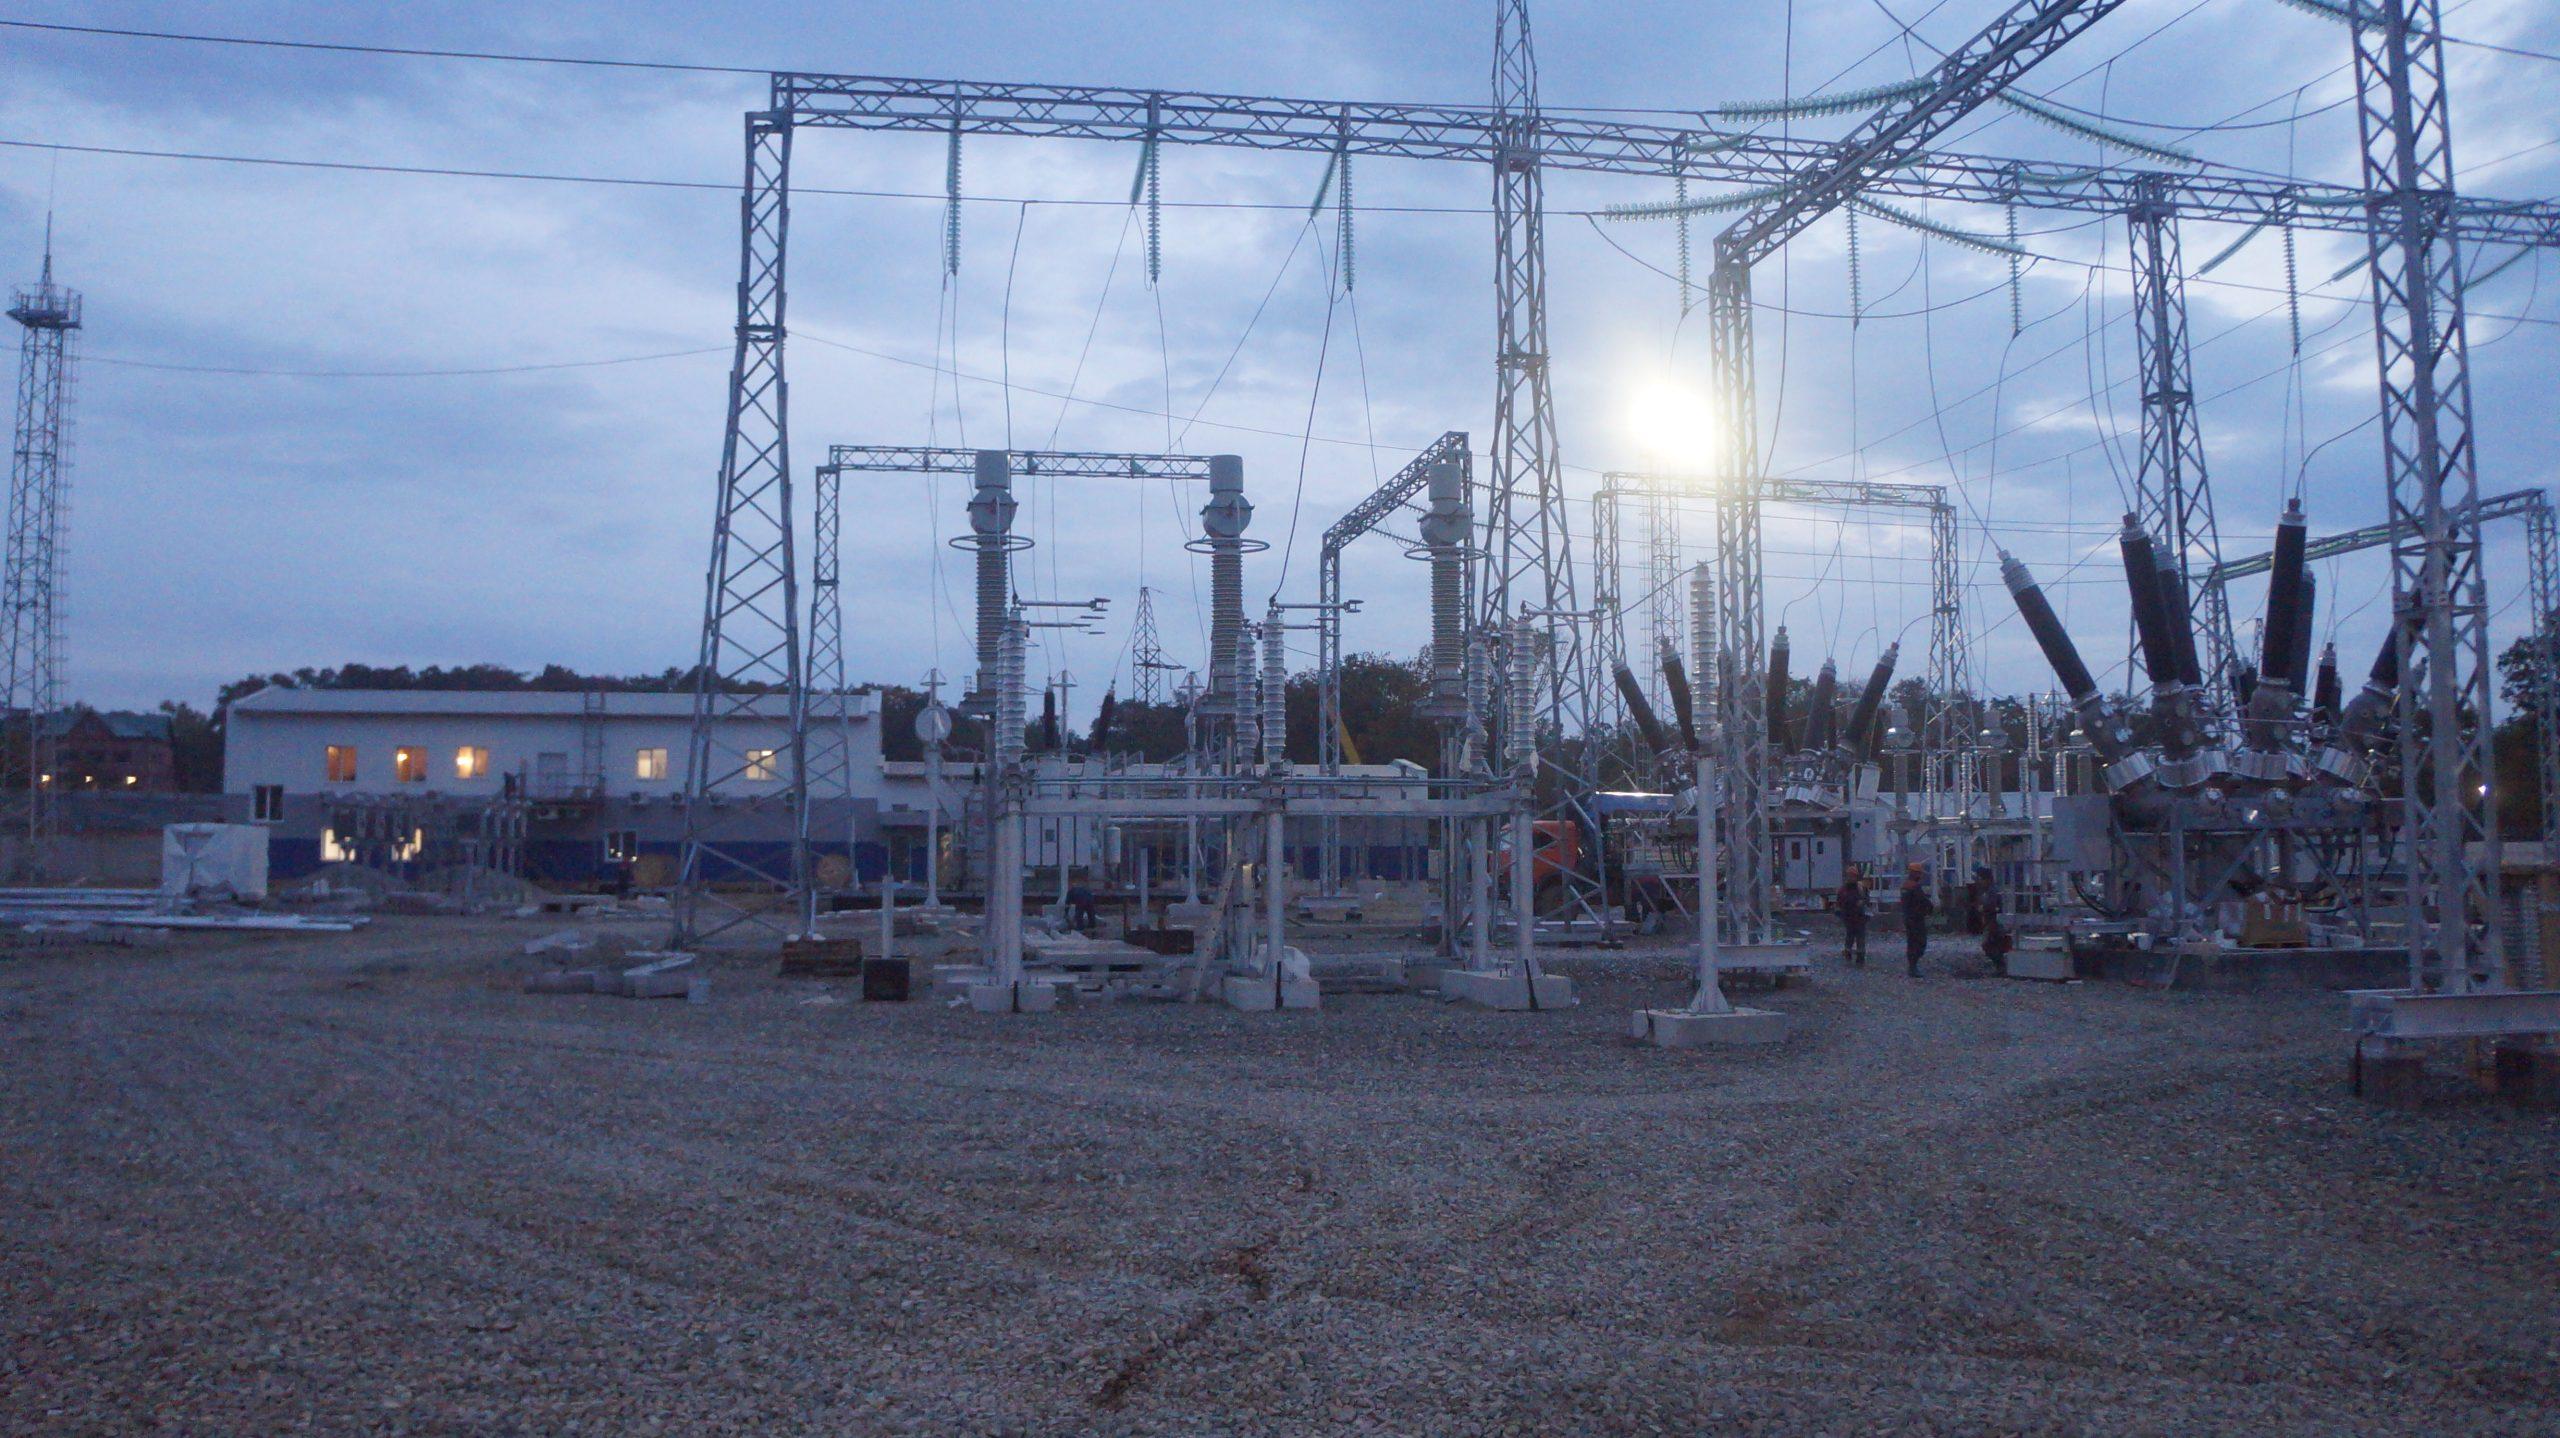 «Строительство ПС 220 кВ Звезда с заходами ВЛ 220 кВ Береговая-2 – Перевал» для нужд филиала ПАО «ФСК ЕЭС» - МЭС Востока